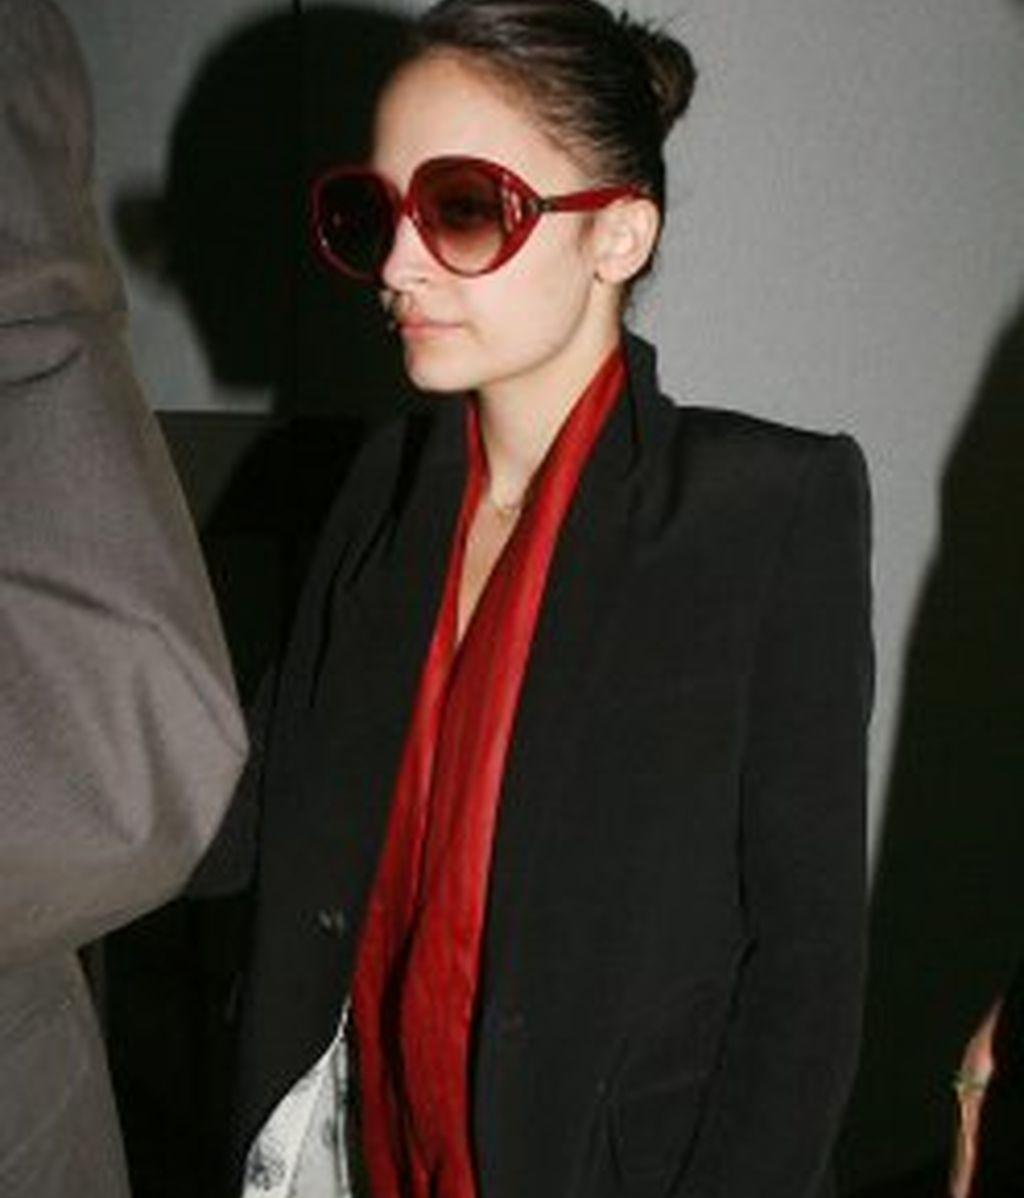 Dilema: las gafas de Nicole Richie ¿sí o no?